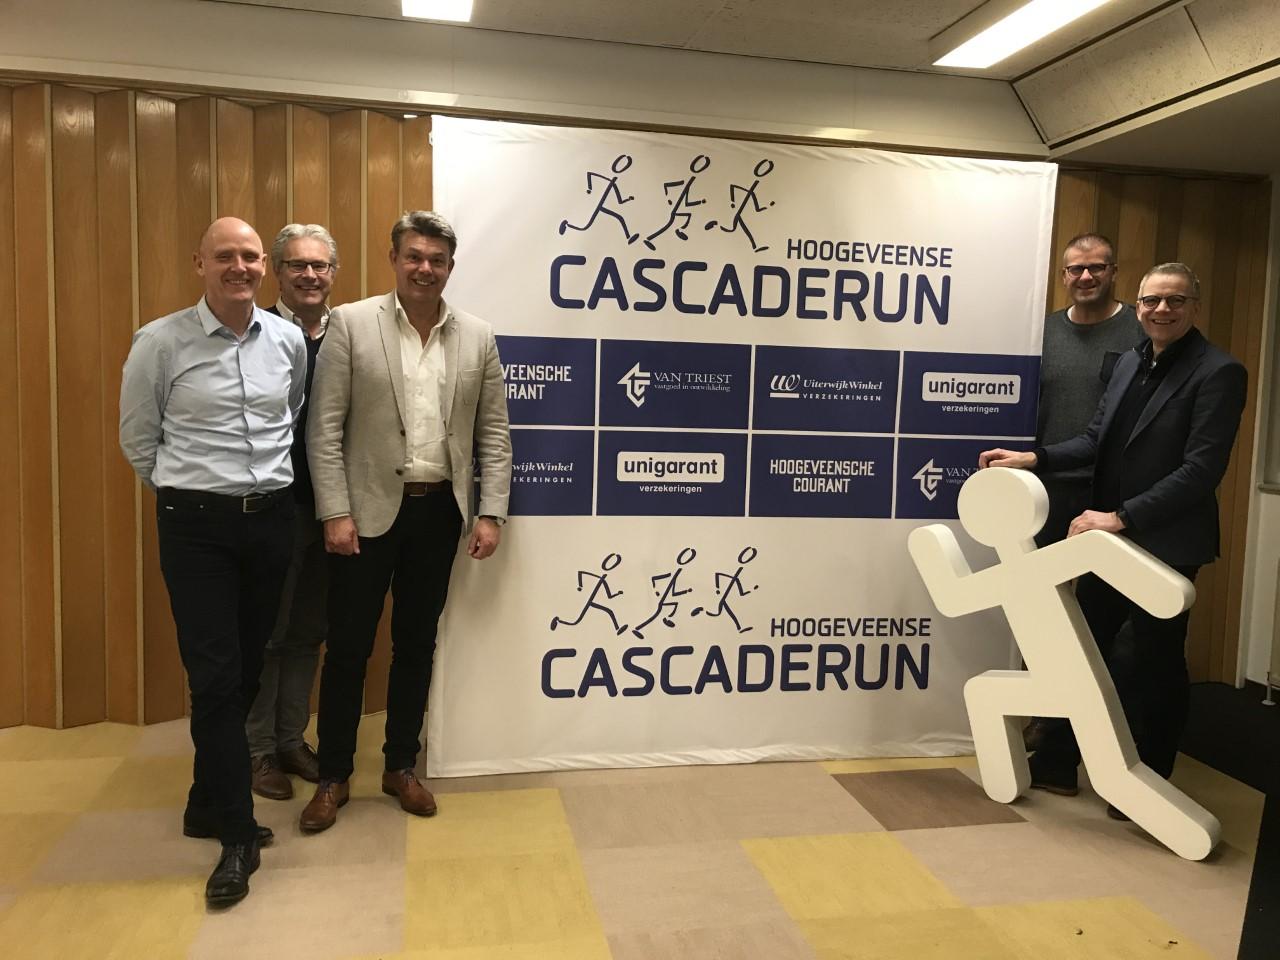 Afbeelding - Nieuw bestuur Cascaderun wordt ingewerkt: 'De Cascaderun laat je niet zomaar los'